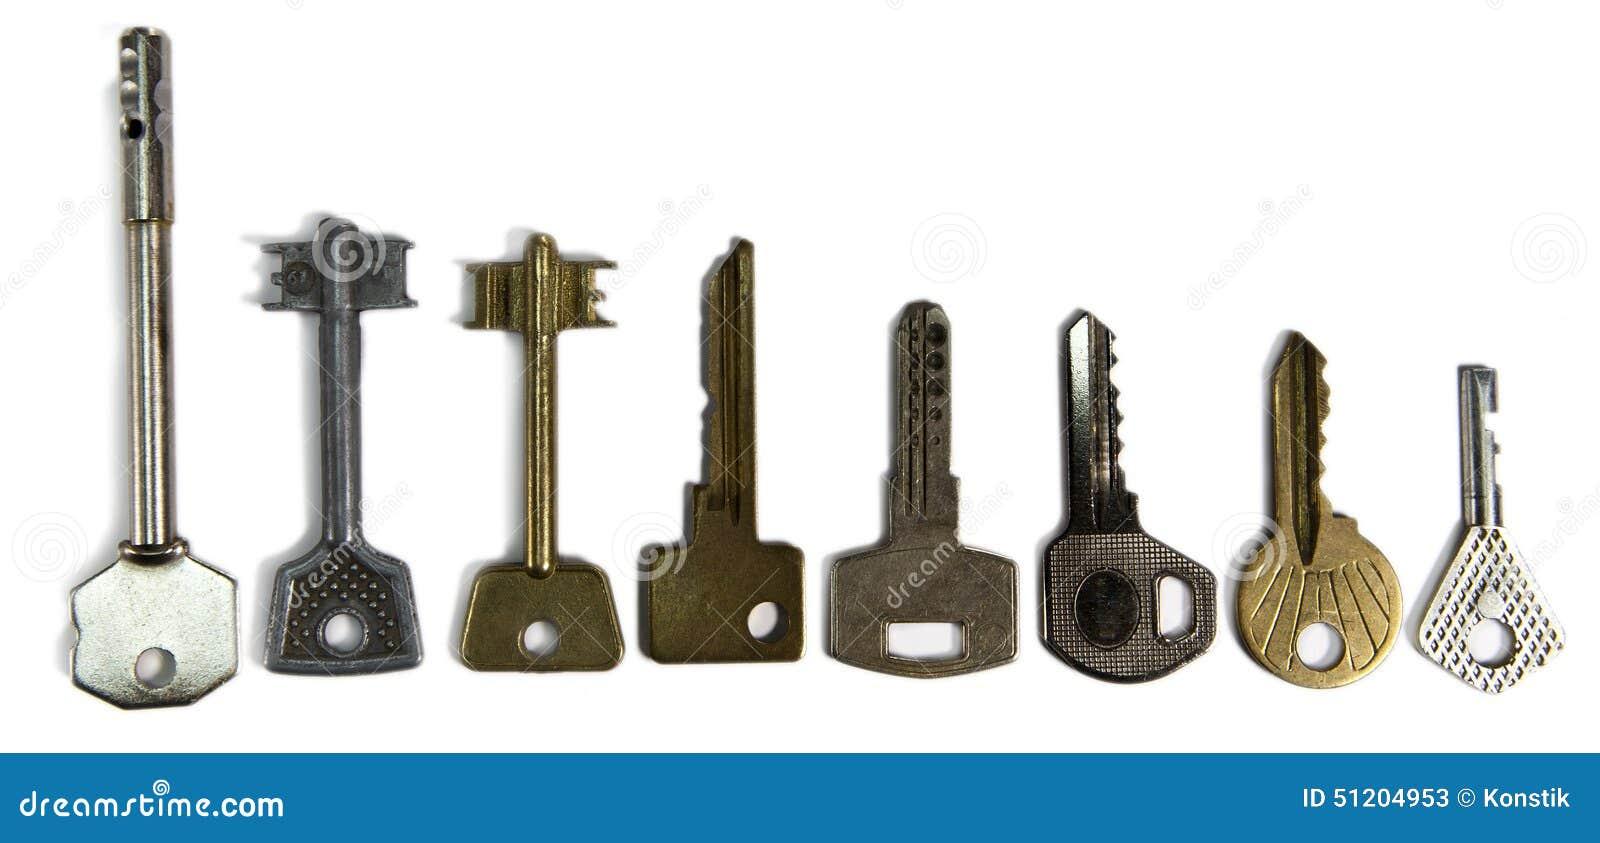 маникюр где делают ключи от замков по фото сахарный